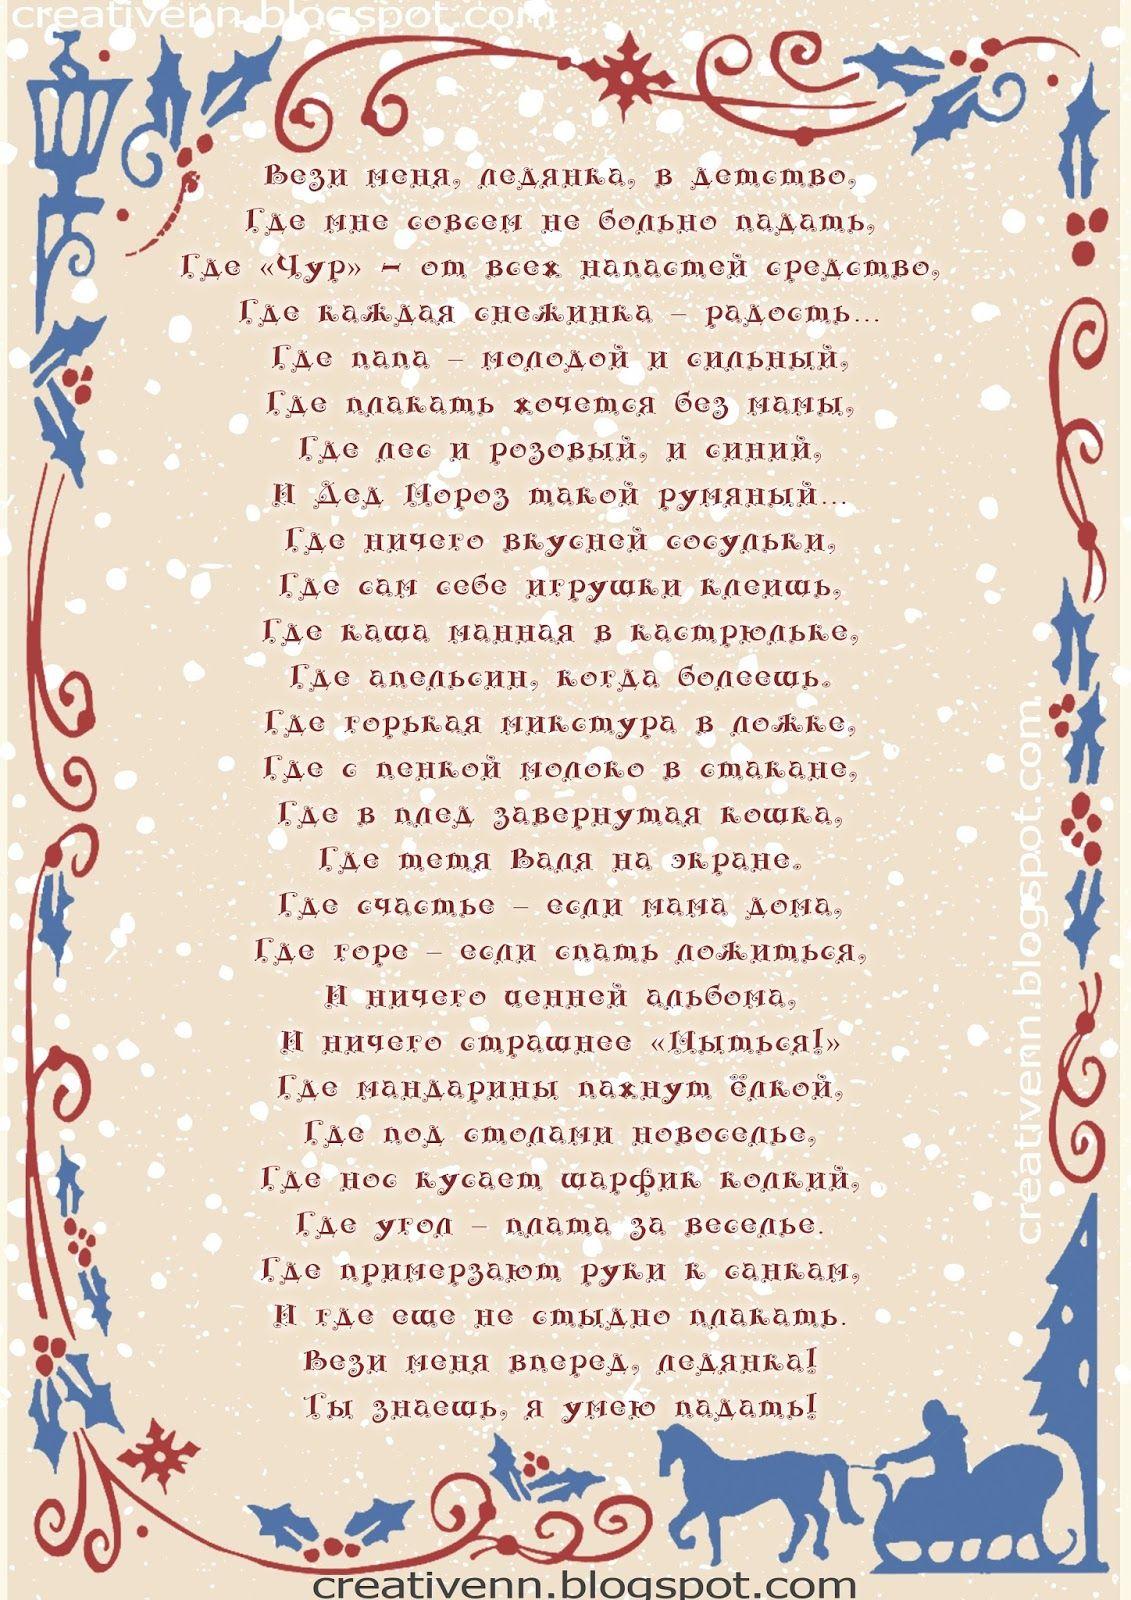 Стихи асадова в открытках